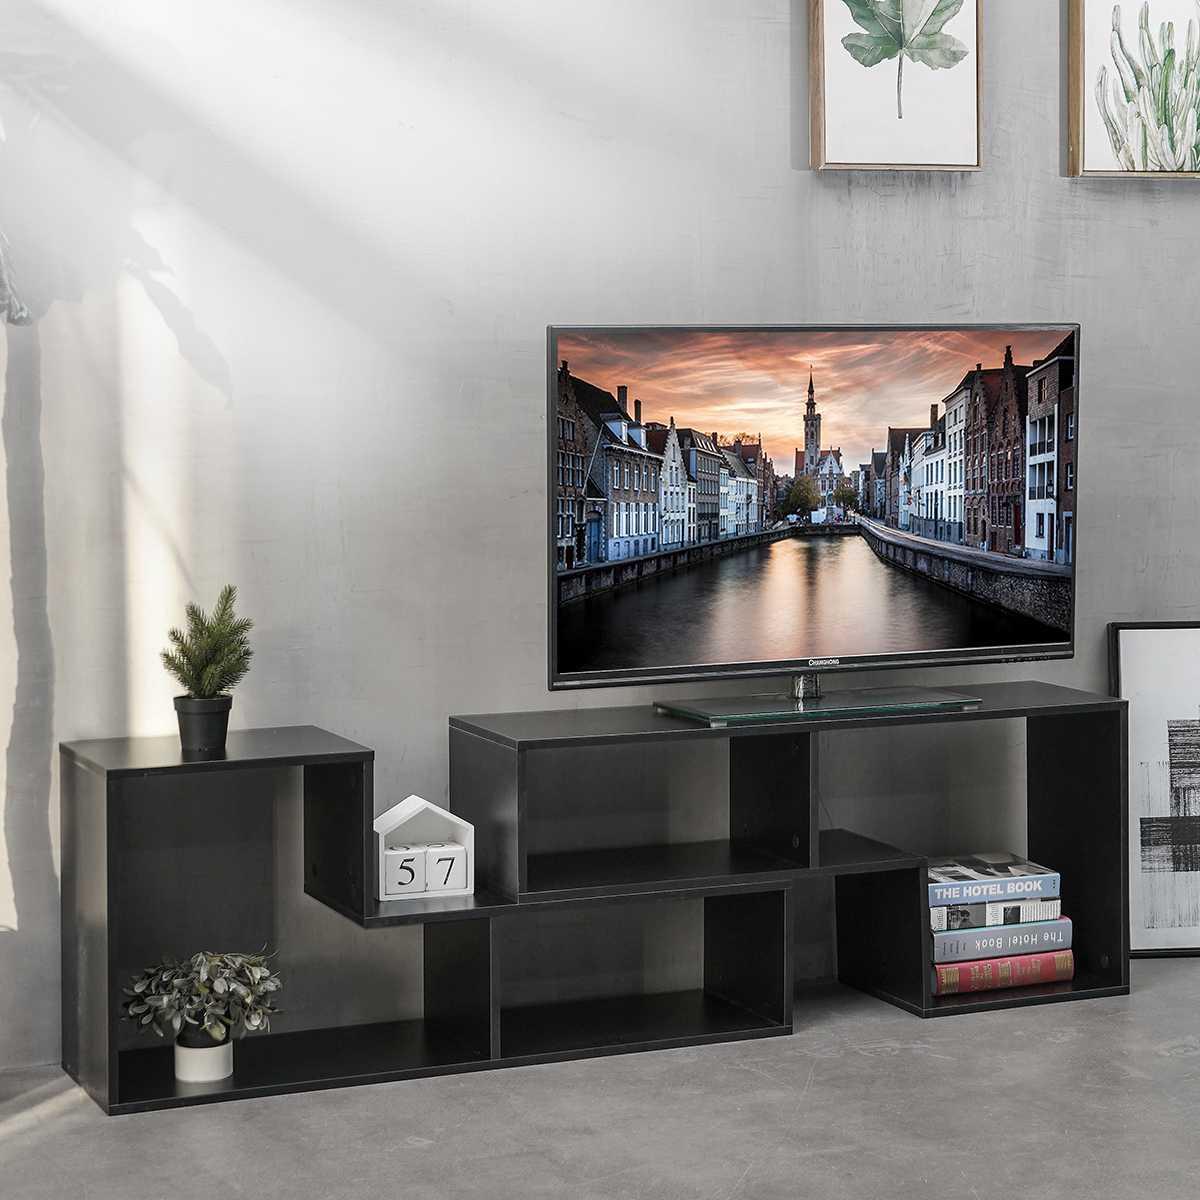 الحديثة غير النظامية حامل تلفاز تركيبة مجانية التلفزيون خزانة التخزين المنظم المفروشات المنزلية وحدة تليفزيون رف الكتب أثاث غرفة المعيشة